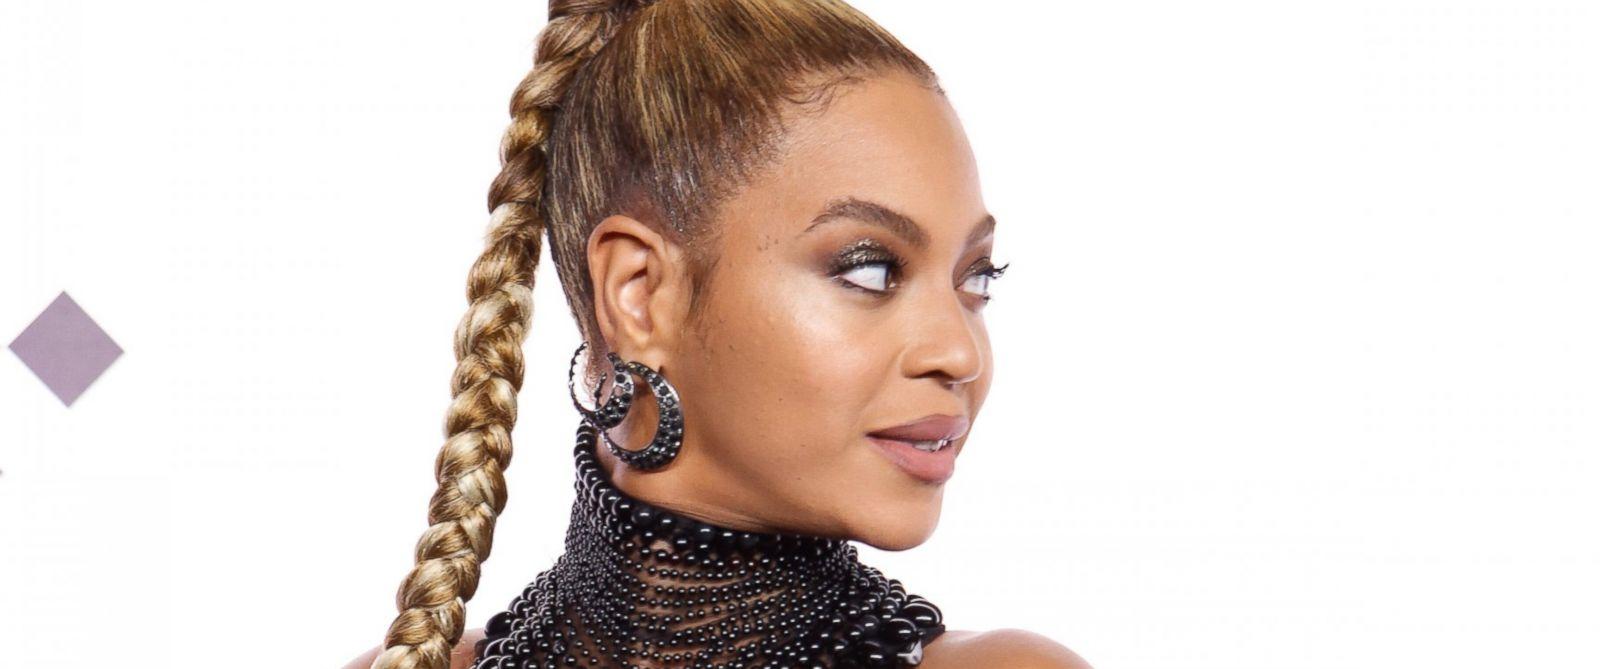 Noticias URGENTE de Spotify sobre Jay-Z